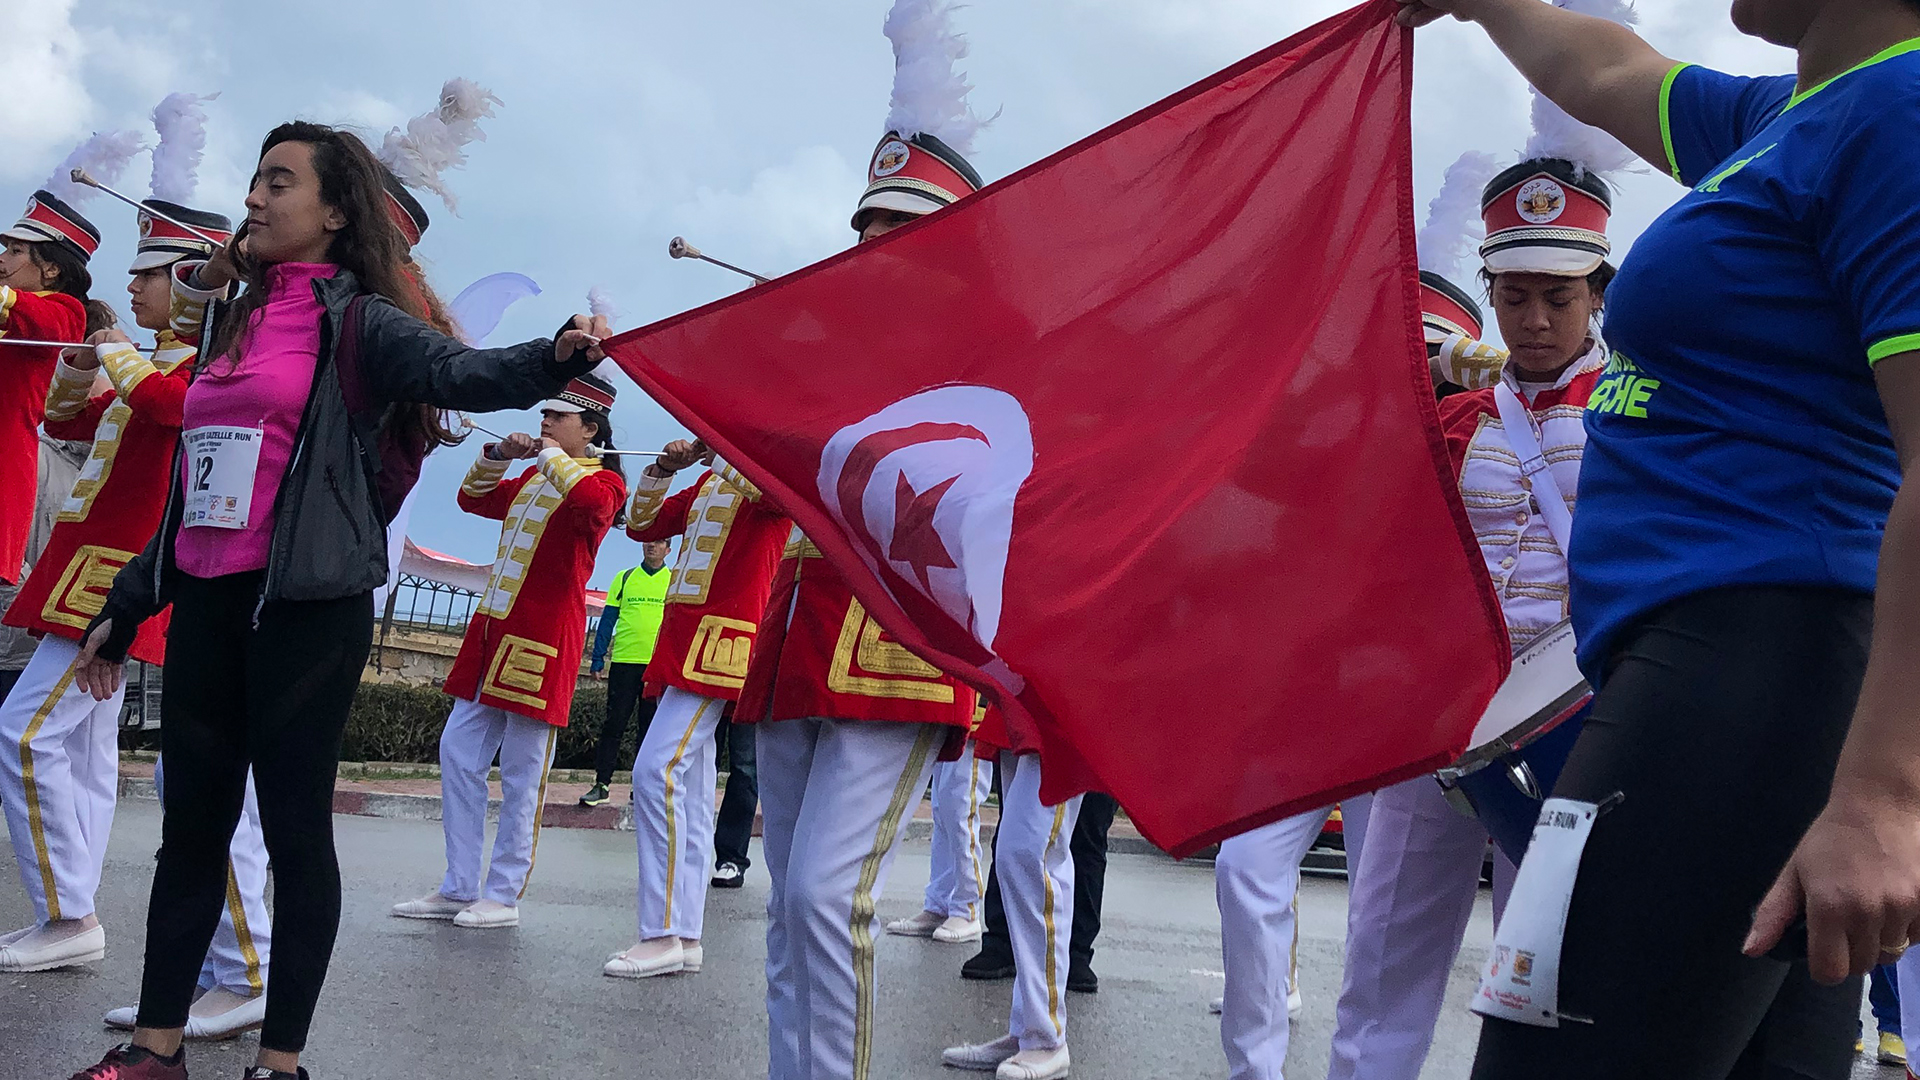 La Tunisienne Gazelle Run, les foulées d'Alyssa, la première course maghrébine pour les droits des femmes